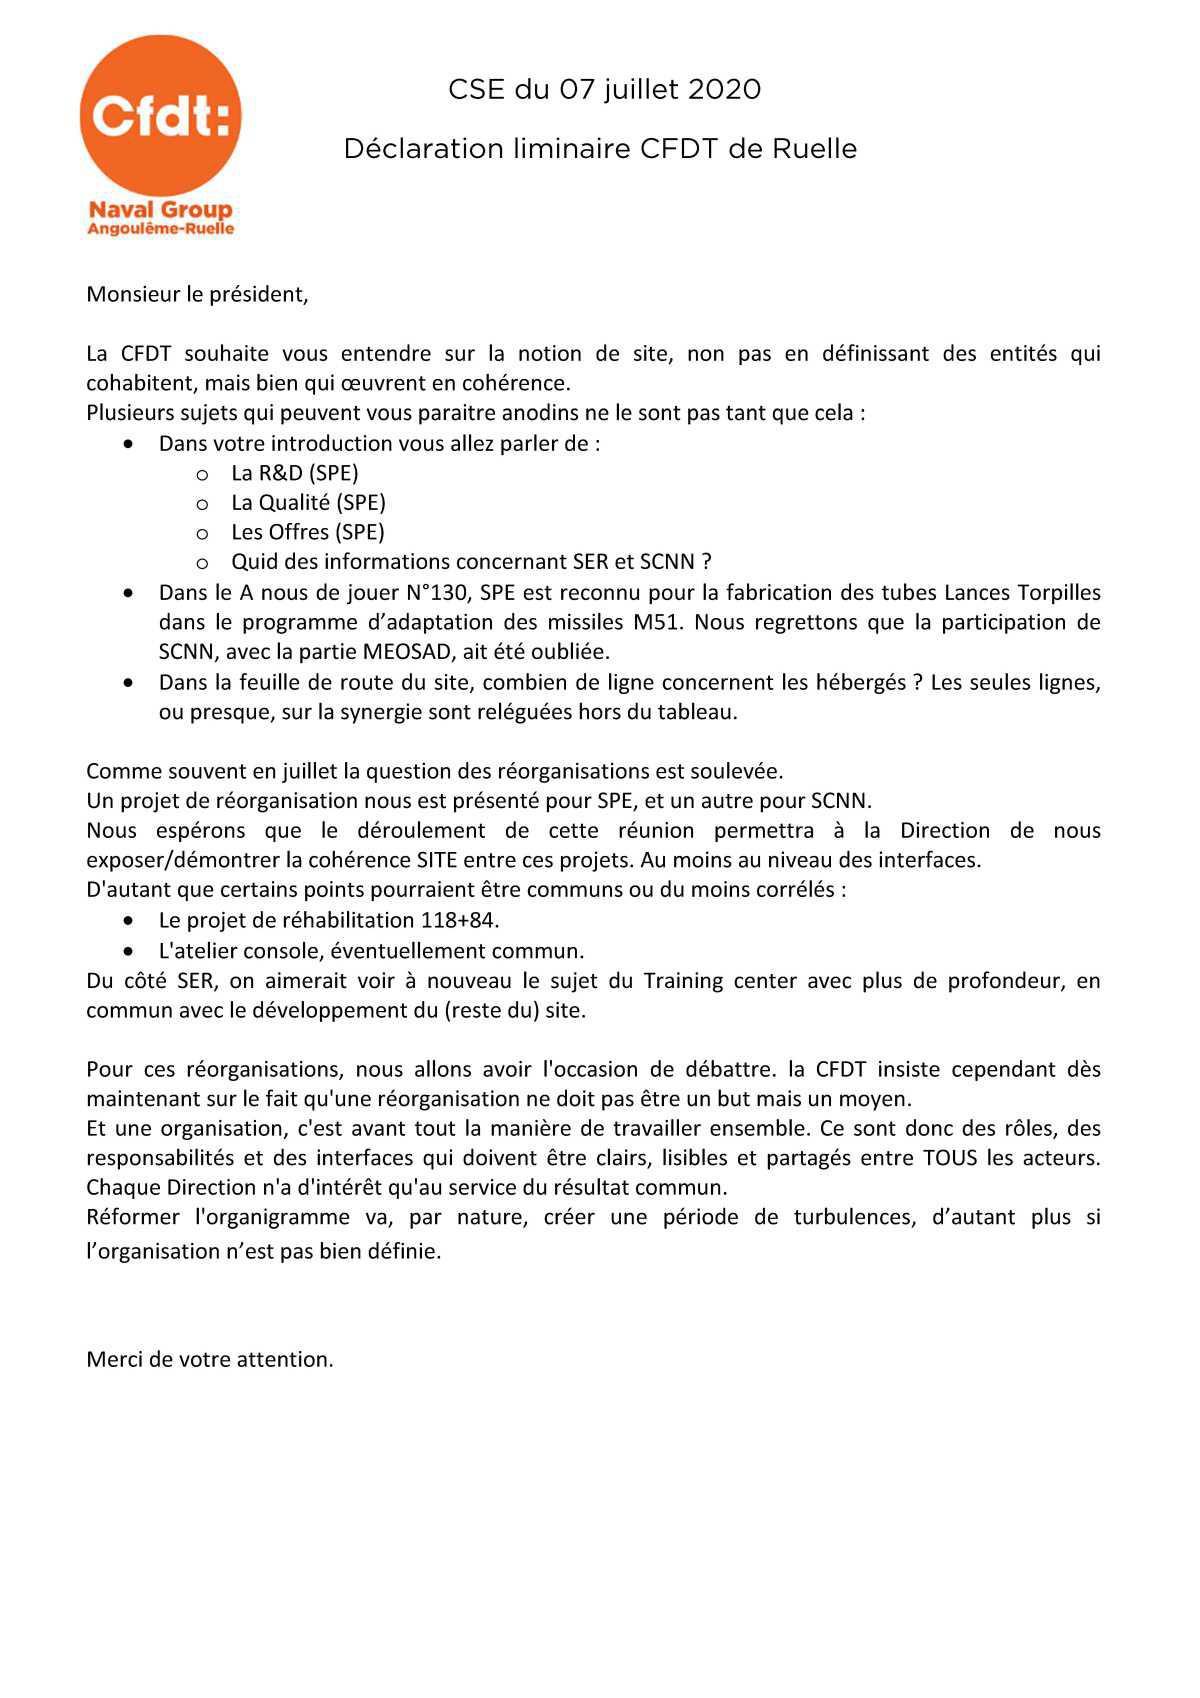 Déclaration liminaire CFDT CSE 7 Juillet